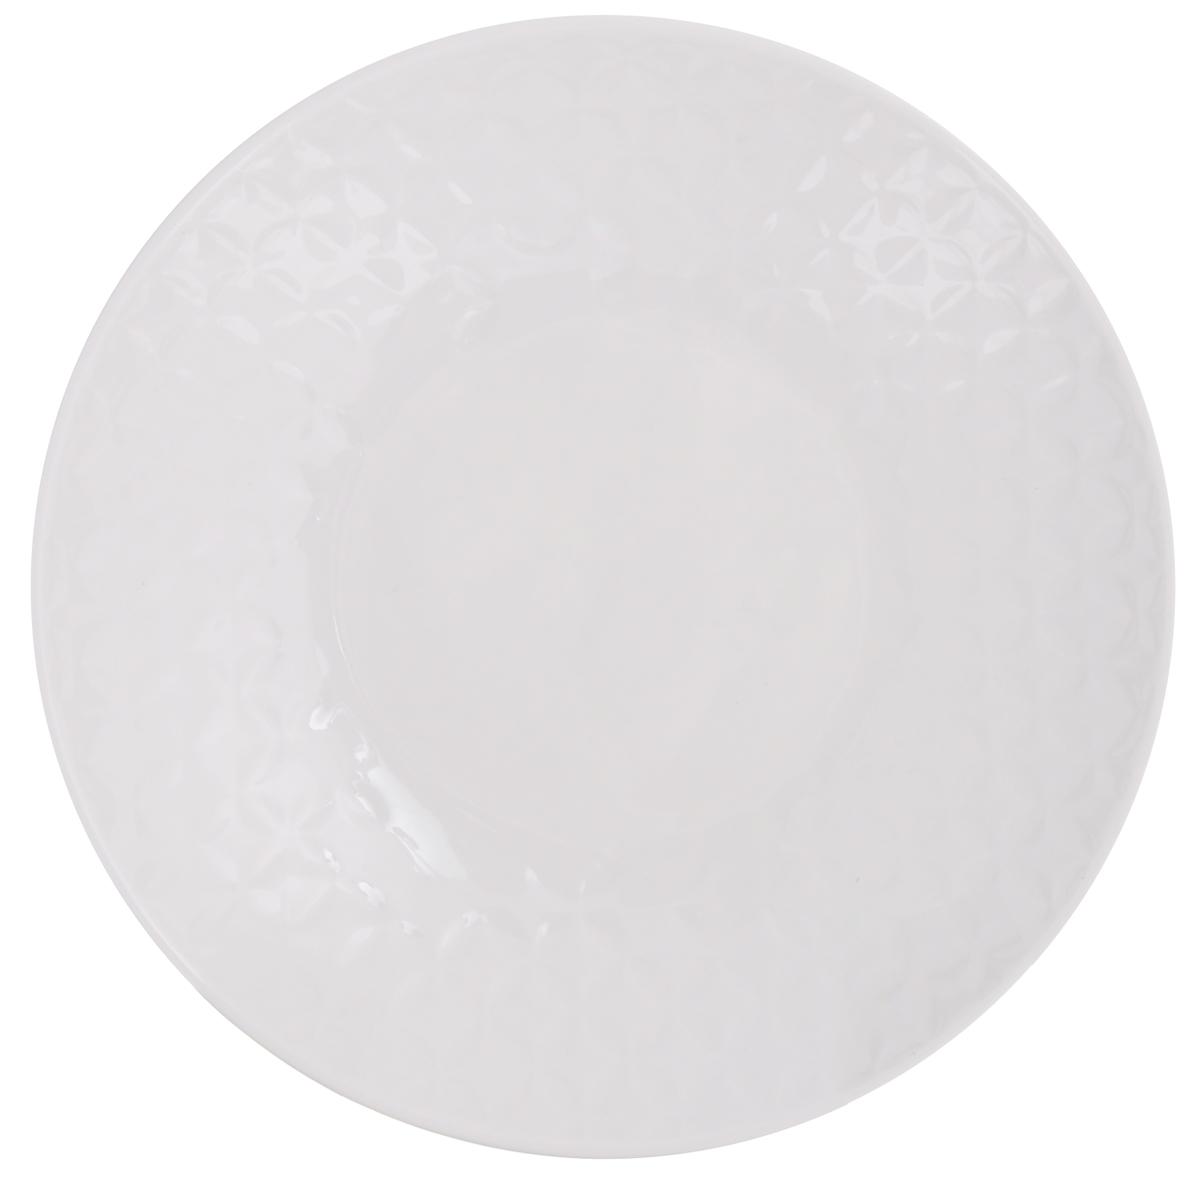 Тарелка суповая Walmer Quincy, цвет: белый, диаметр 21 смW07531021Суповая тарелка Walmer Quincy, выполненная из высококачественного фарфора, декорирована рельефным орнаментом. Изящный дизайн придется по вкусу и ценителям классики, и тем, кто предпочитает утонченность. Суповая тарелка Walmer Quincy идеально подойдет для сервировки стола и станет отличным подарком к любому празднику.Можно использовать в микроволновой печи и мыть в посудомоечных машинах.Диаметр тарелки (по верхнему краю): 21 см.Высота стенки: 4 см.